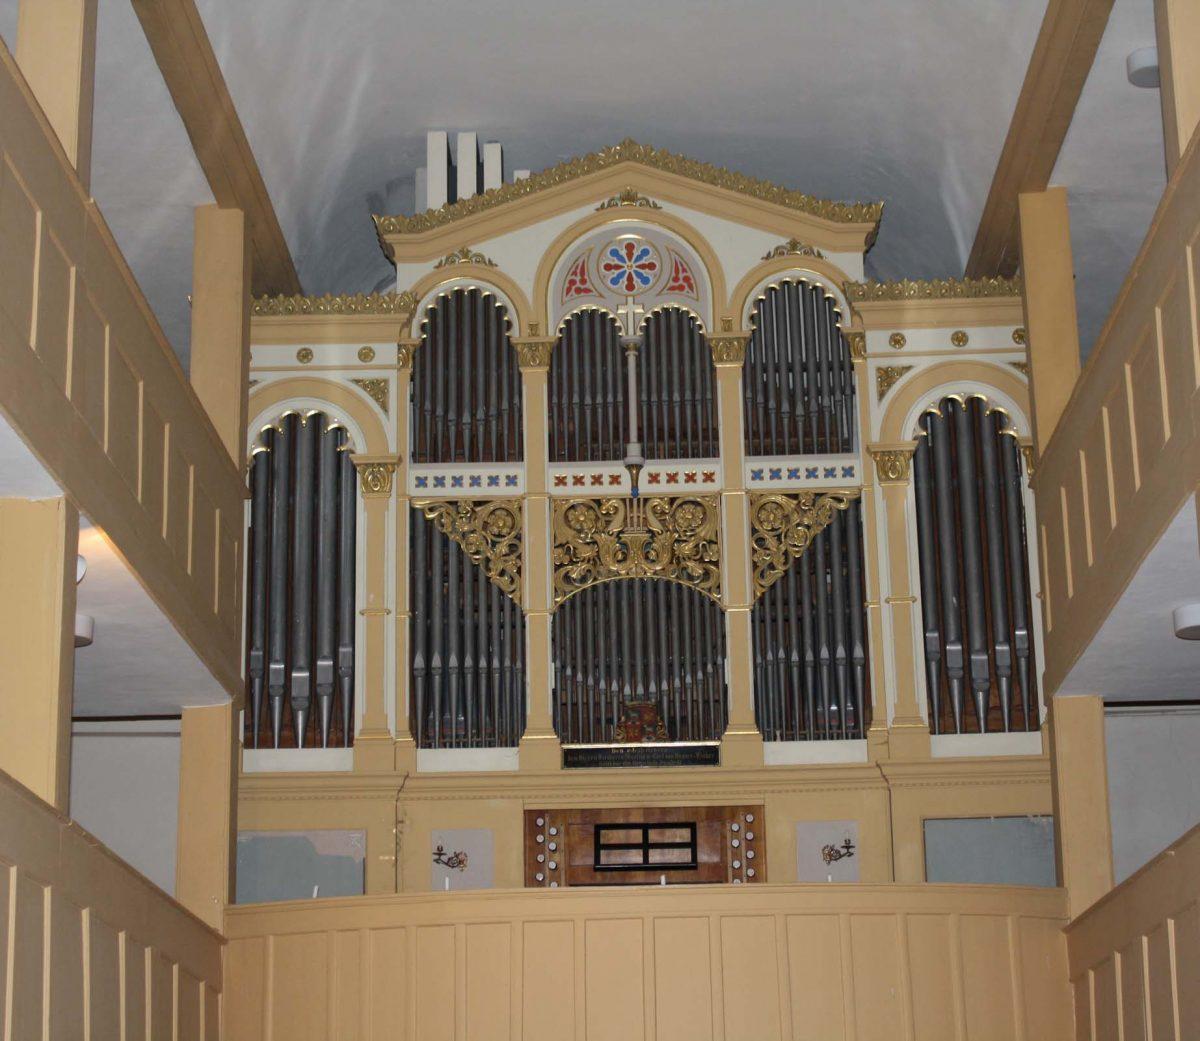 Peternell-Orgel in Denstedt